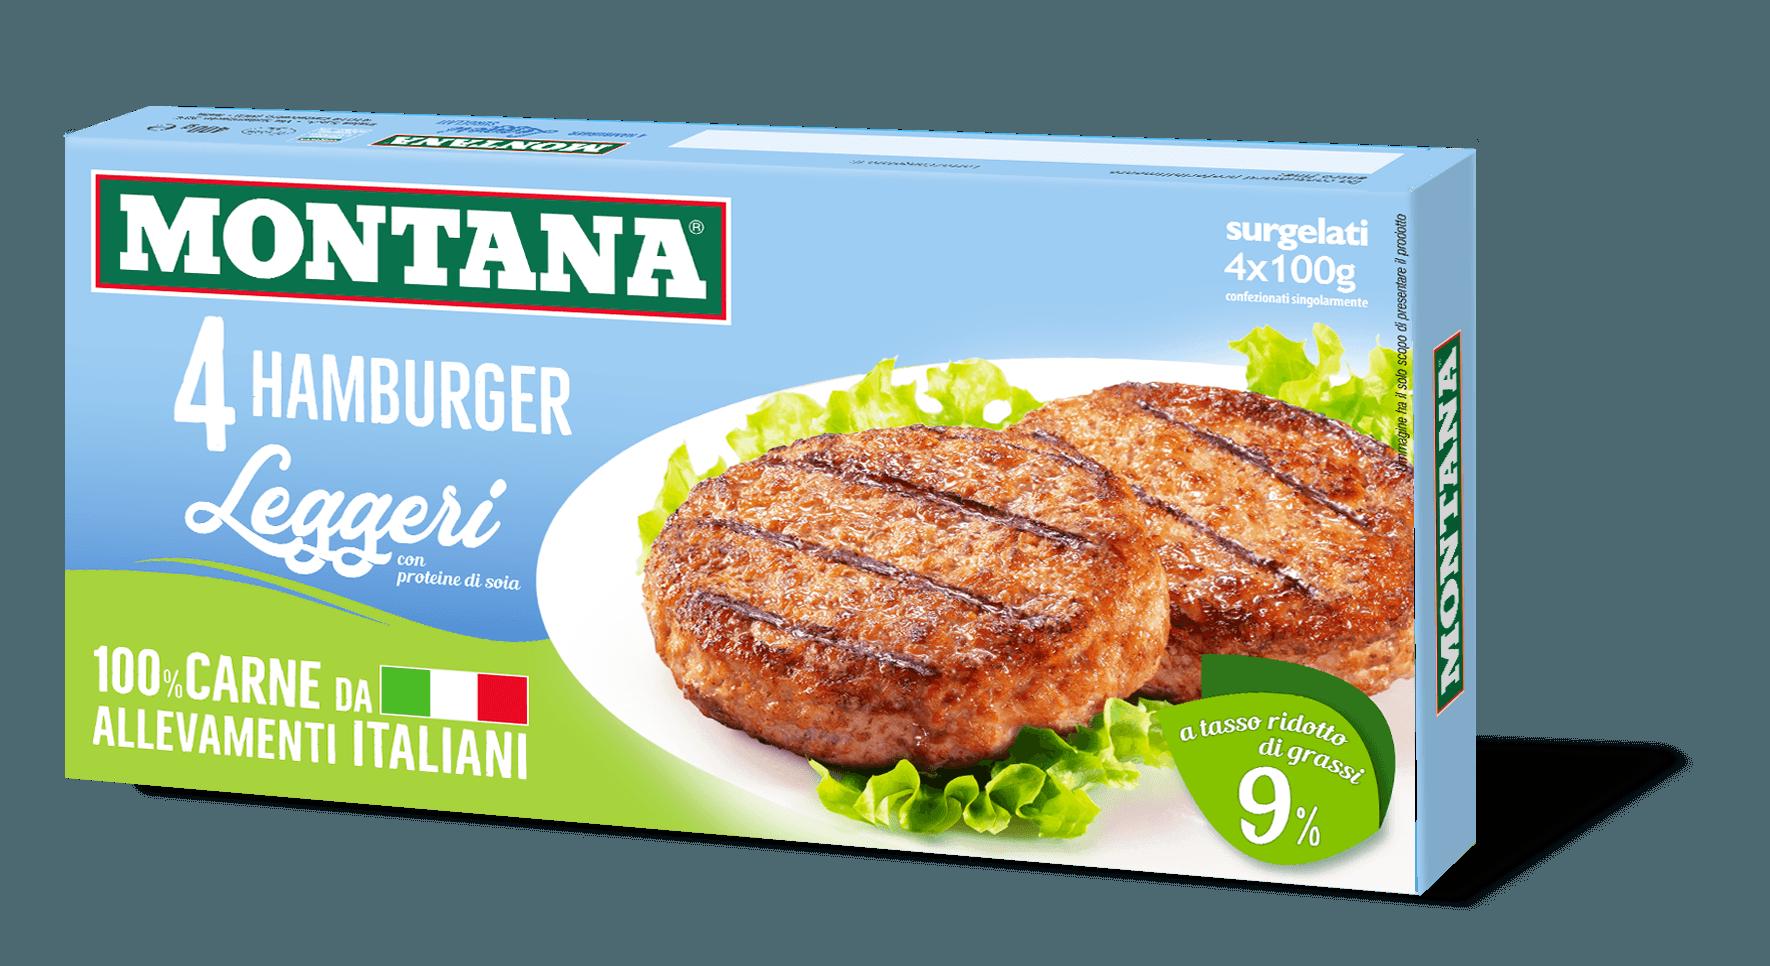 Hamburger-Leggeri-Surgelati-Montana